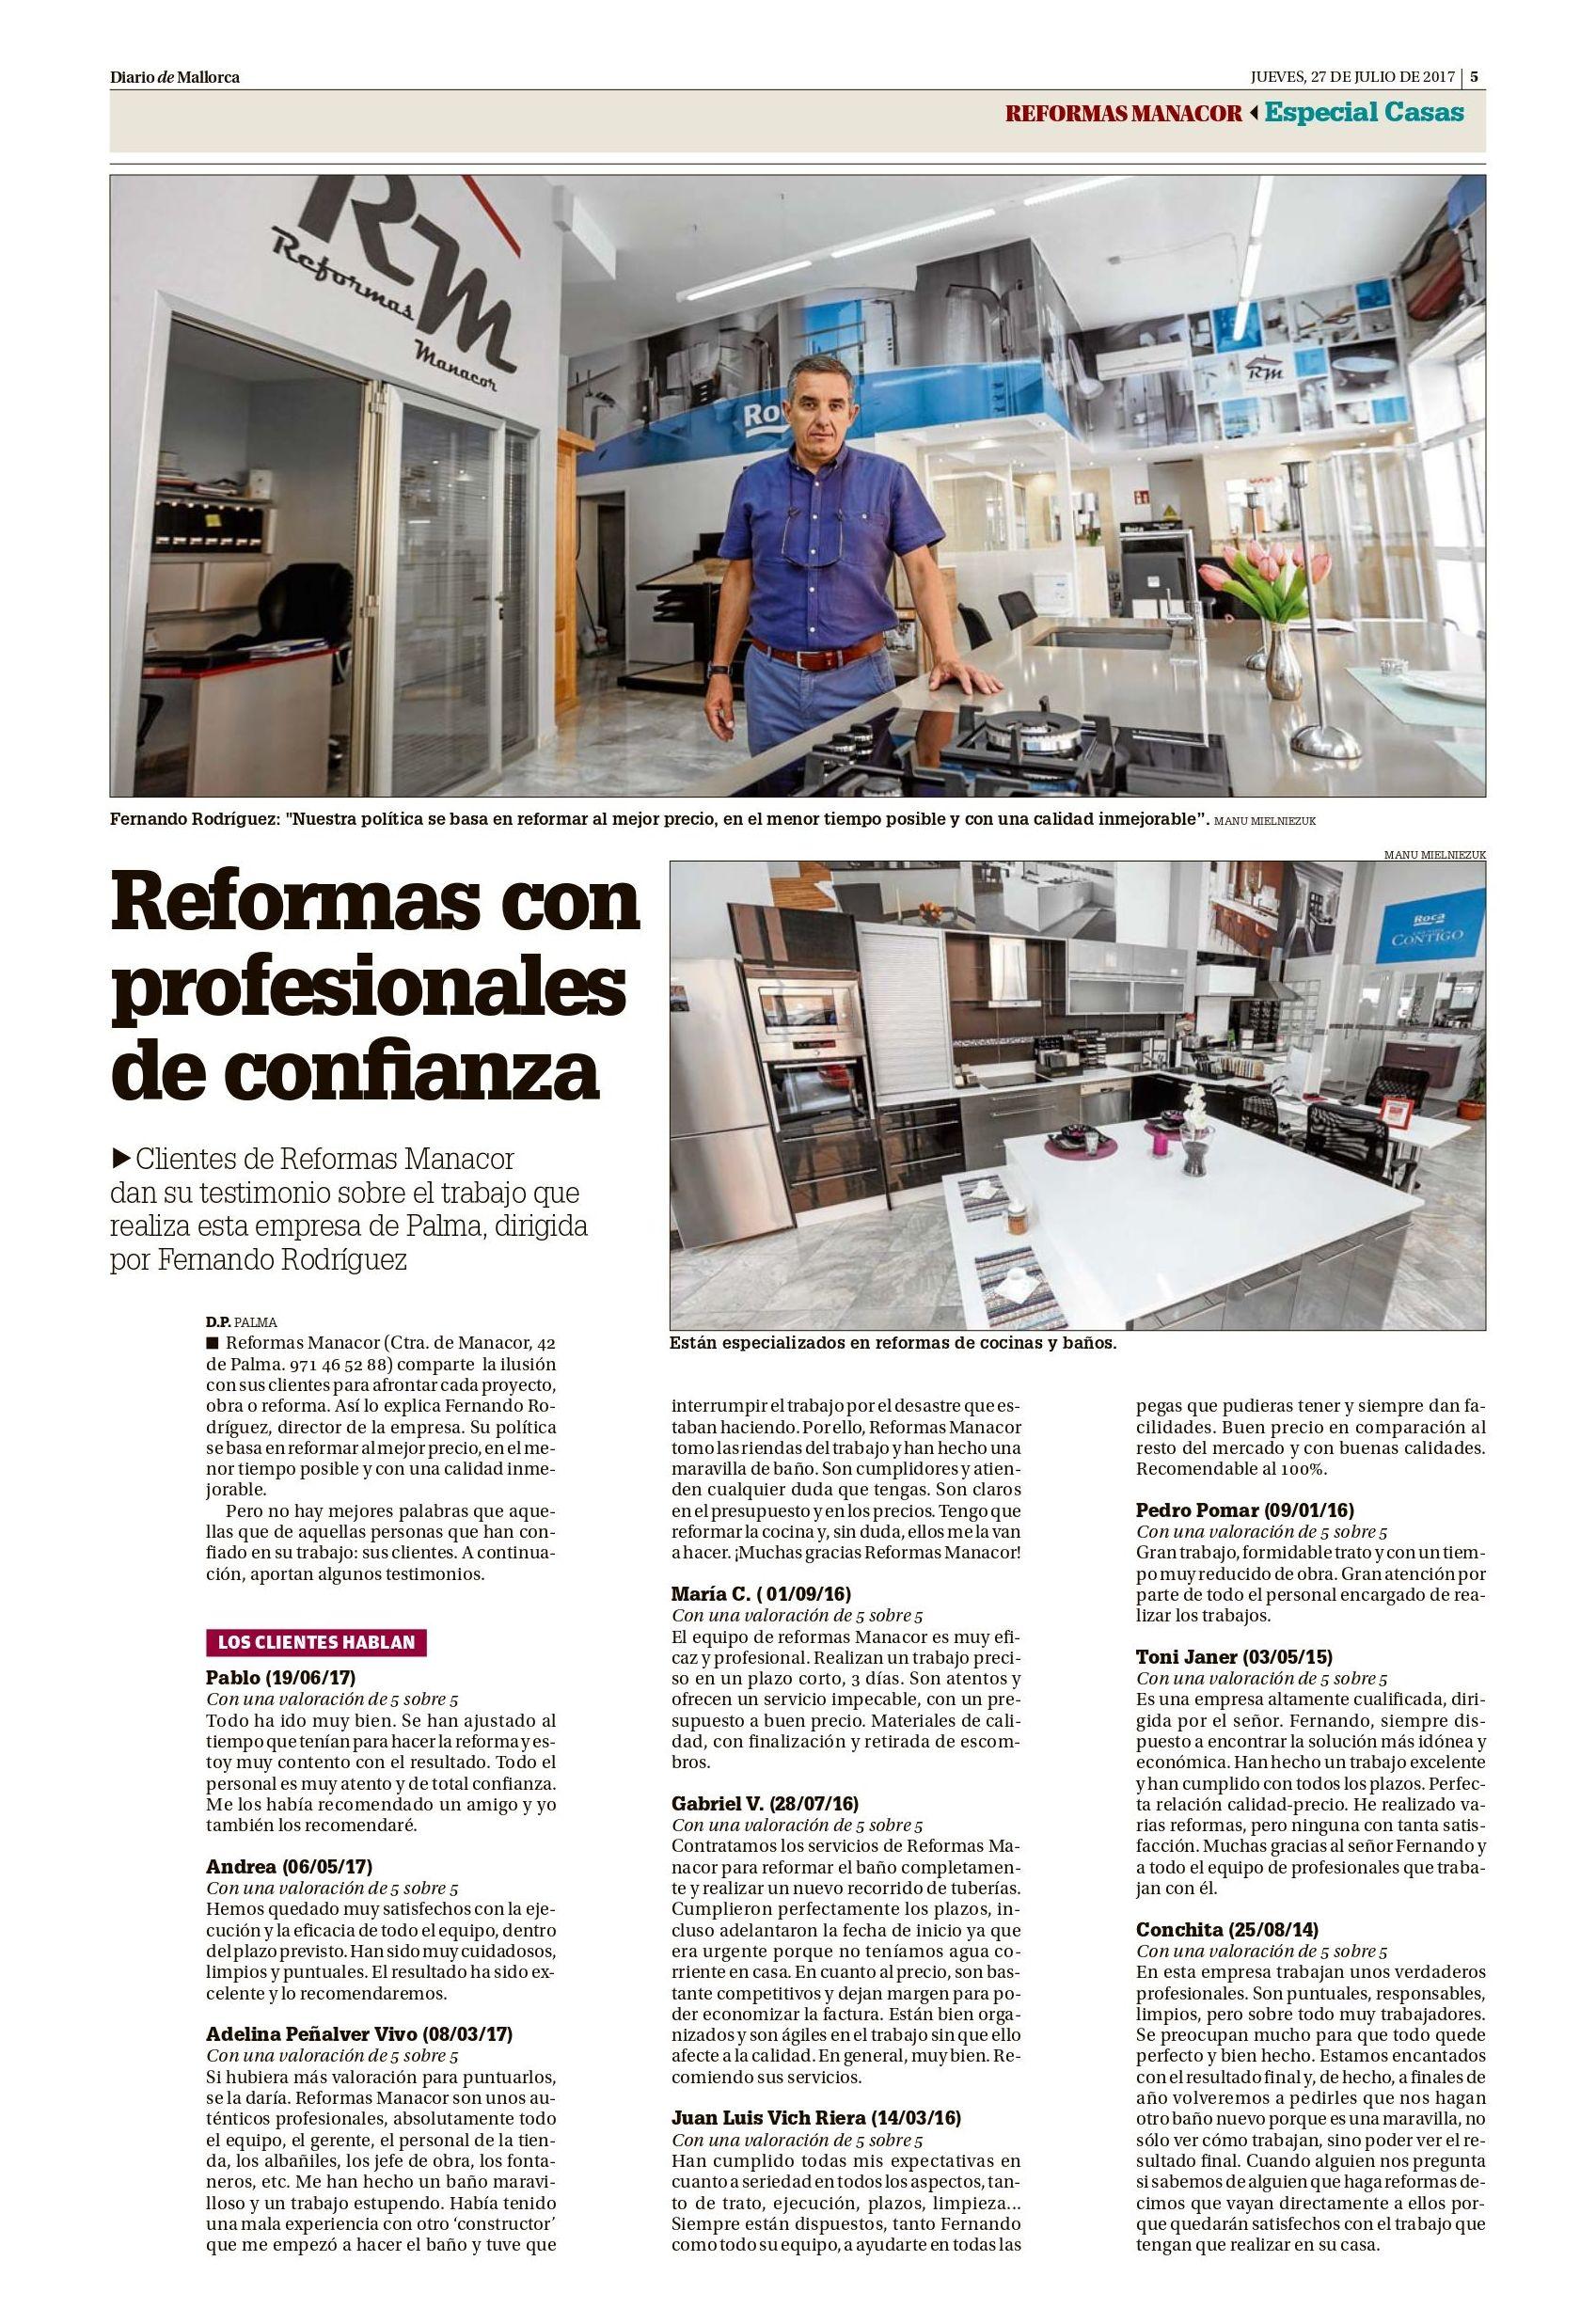 Diario de mallorca ESPECIAL CASAS Opiniones de Reformas